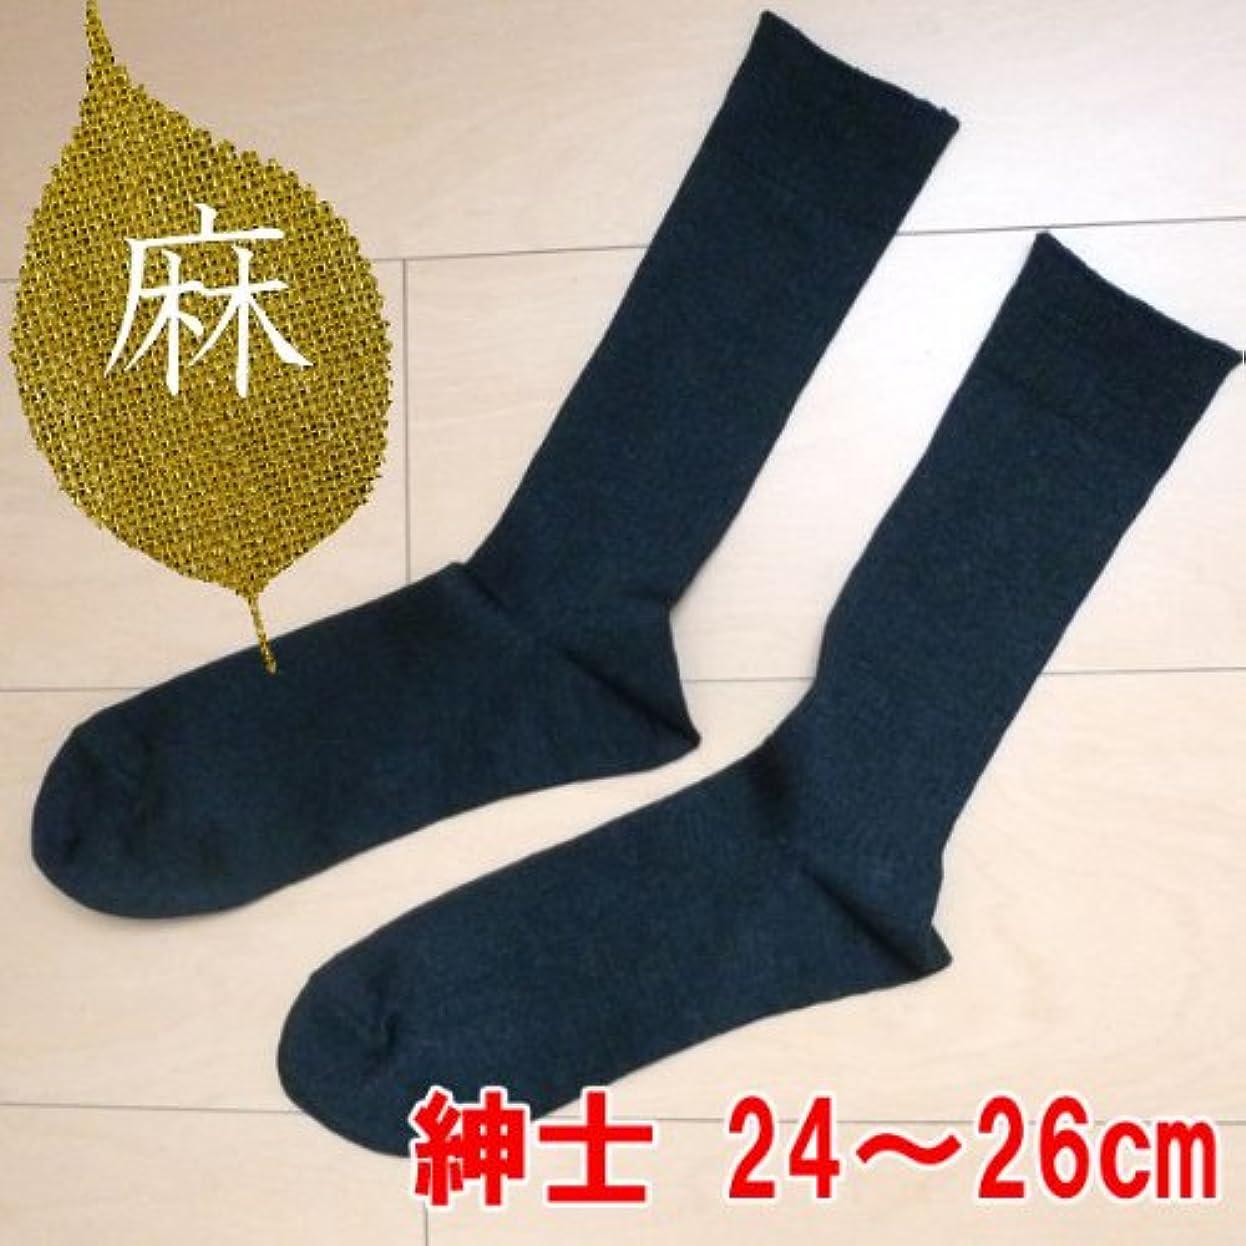 実験的最初キャンベラリブソックス 麻 日本製 男性用 無地 24~26cm 防臭 速乾